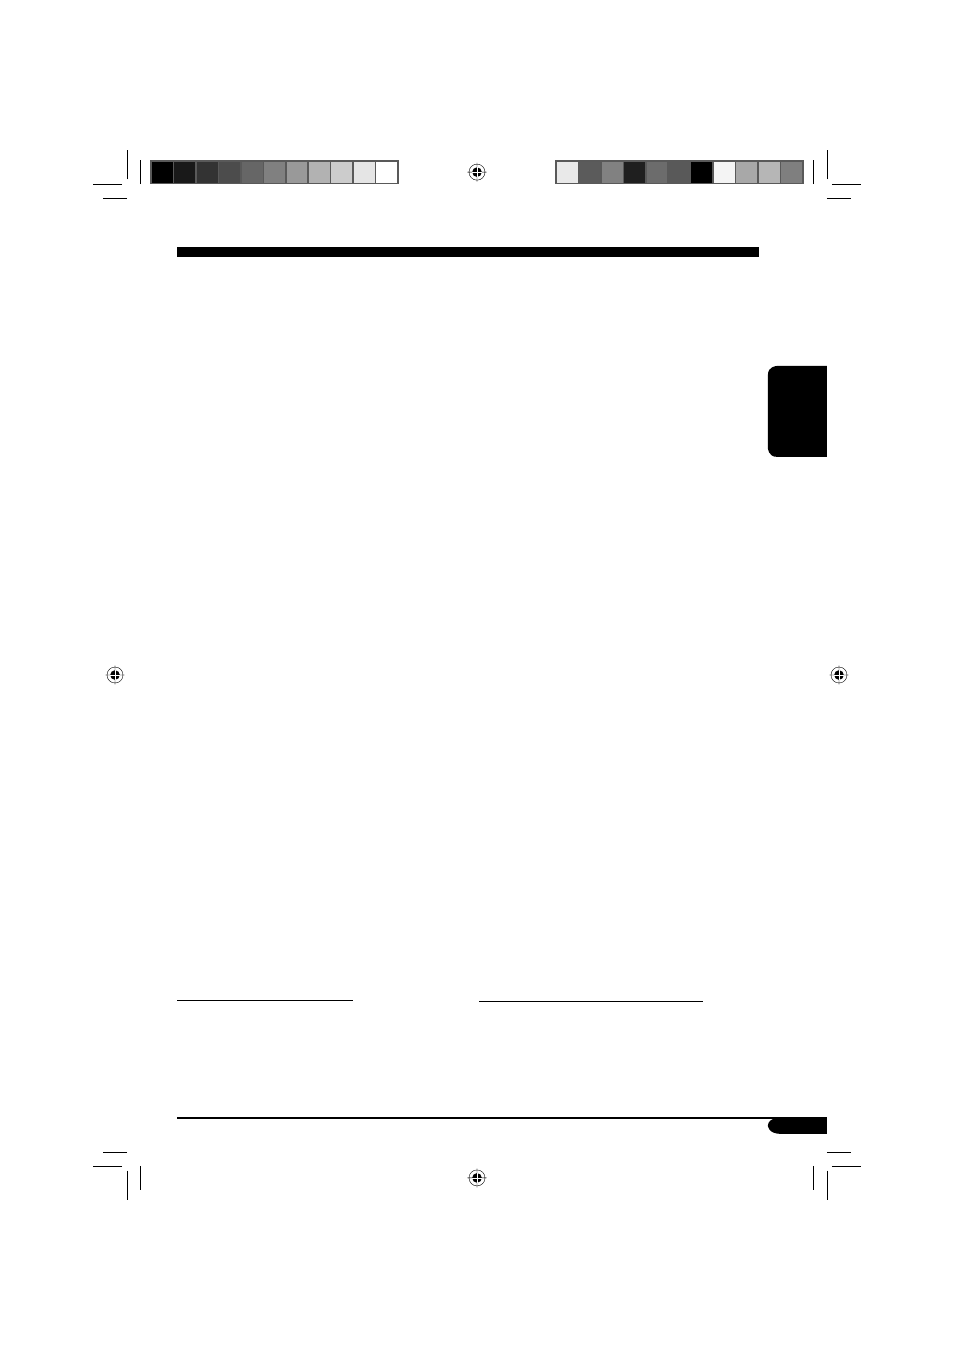 Jvc kd g617 инструкция 2